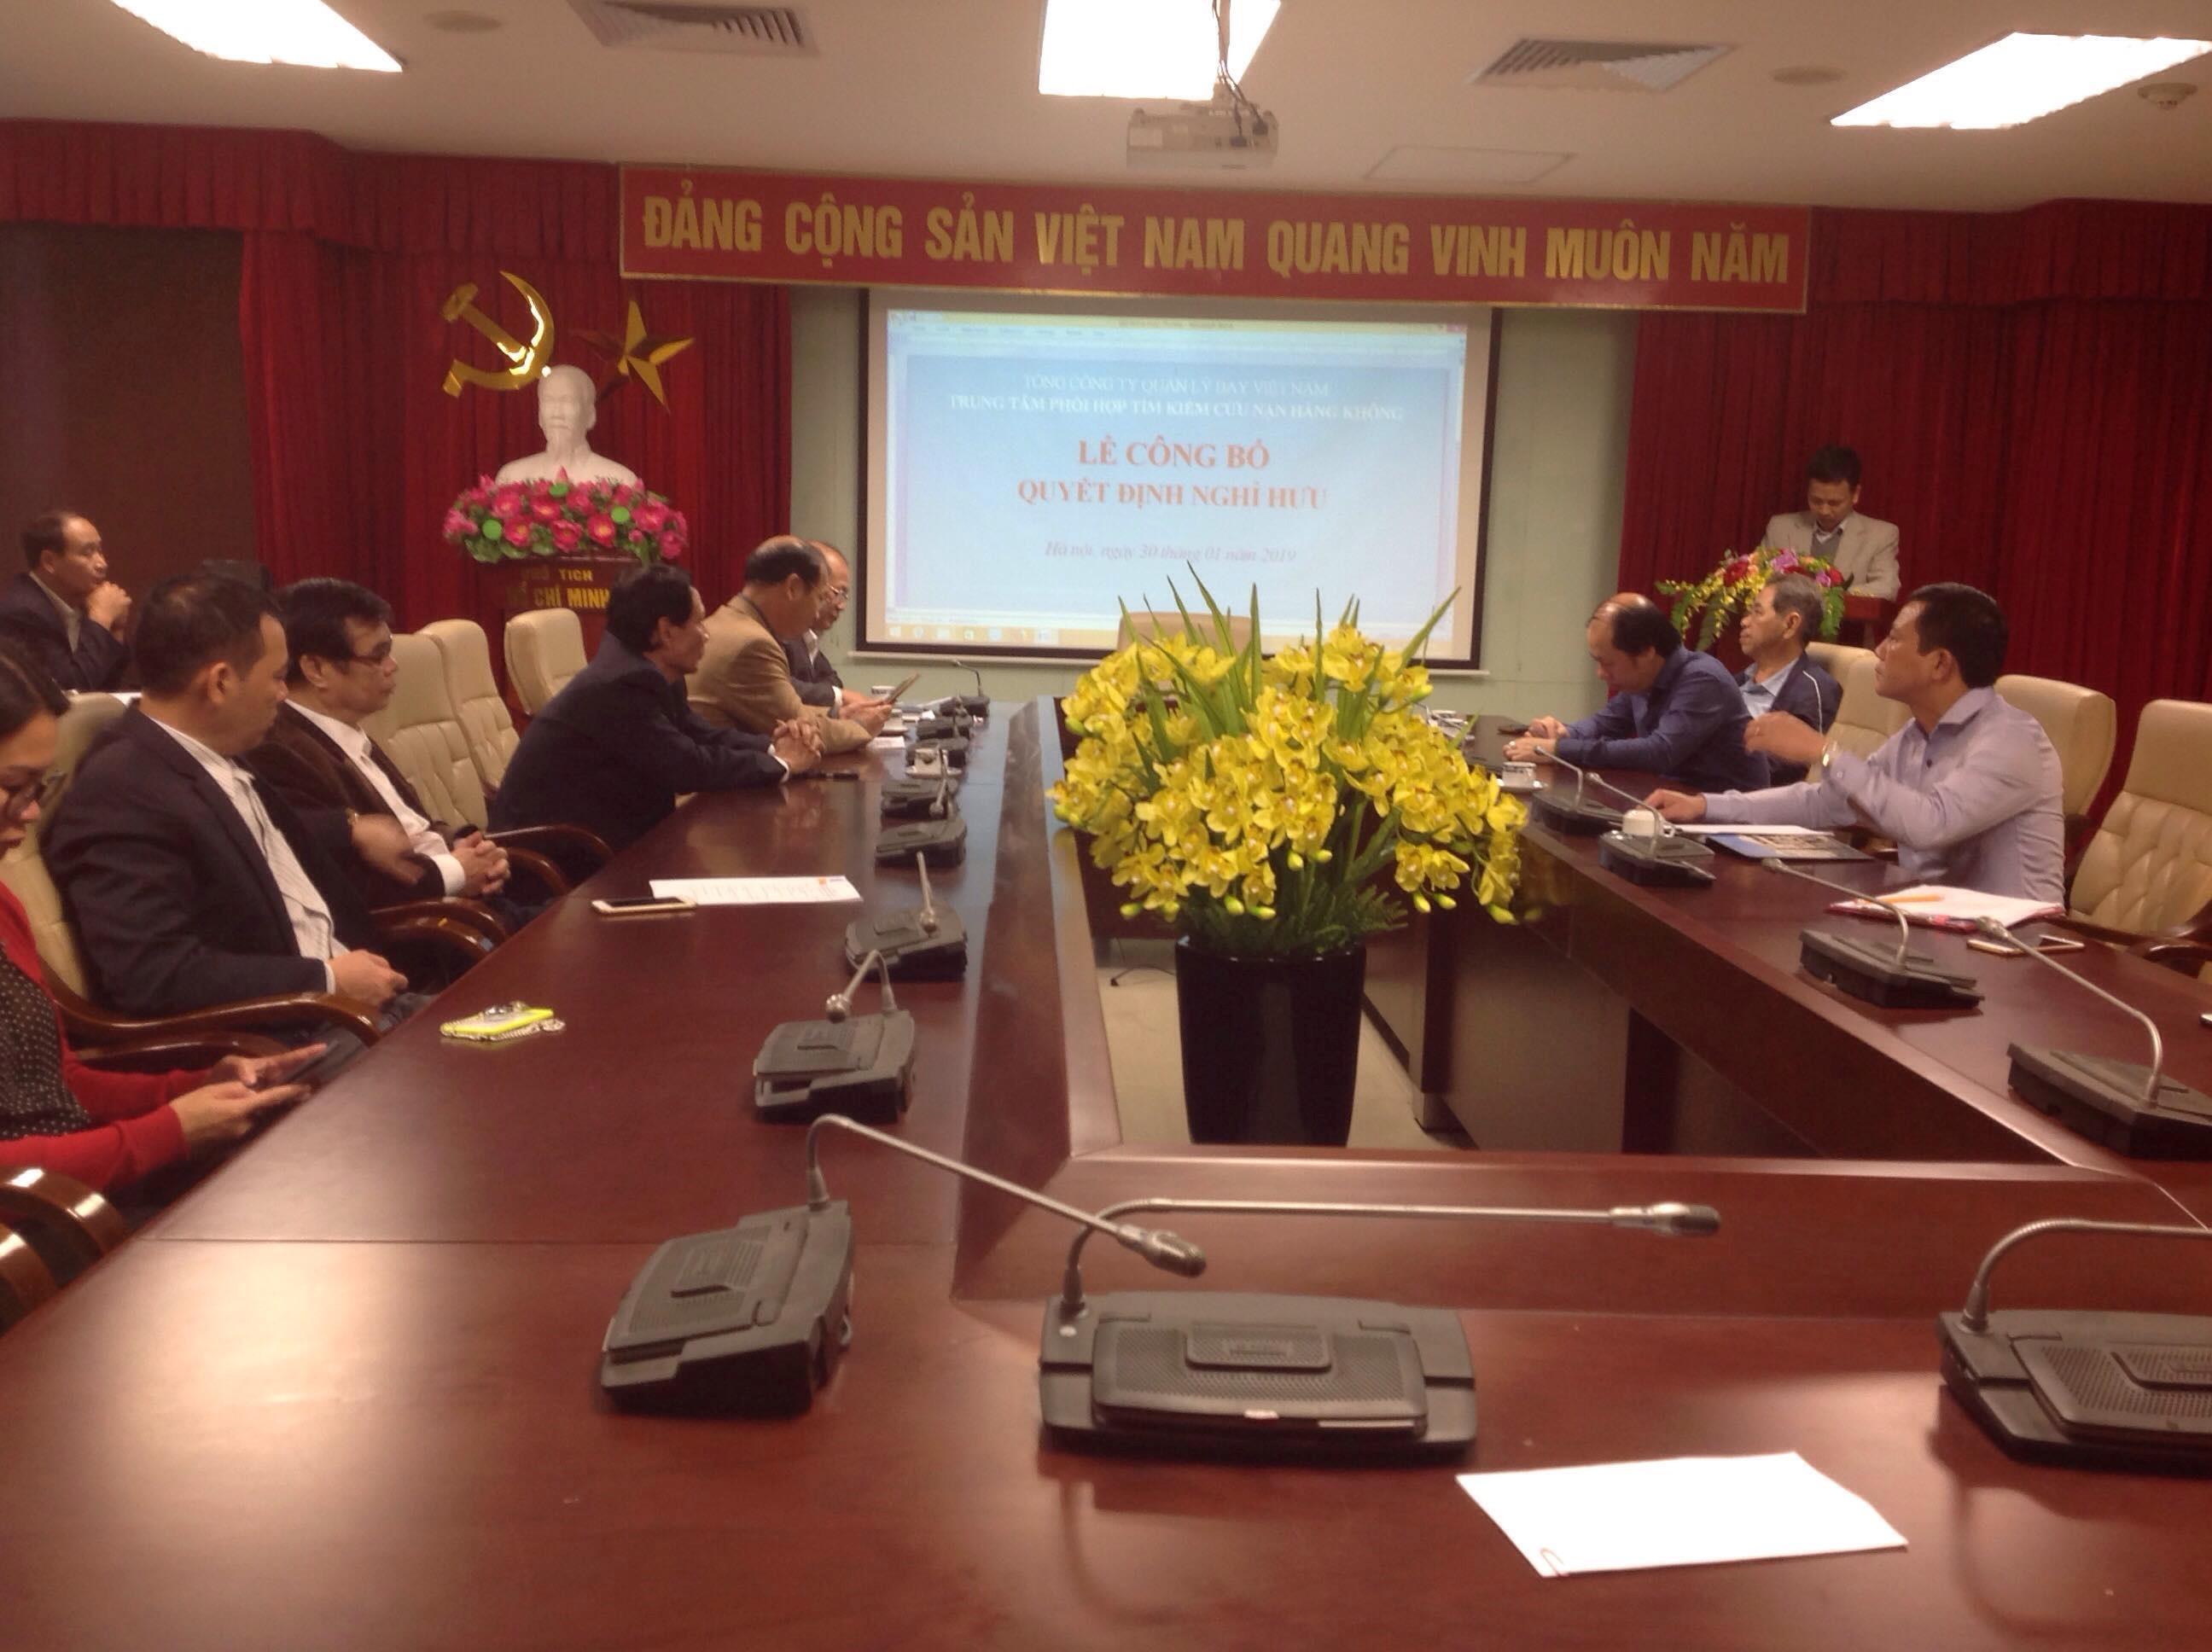 Lễ công bố và trao Quyết định nghỉ hưu cho Trưởng phòng Nghiệp vụ